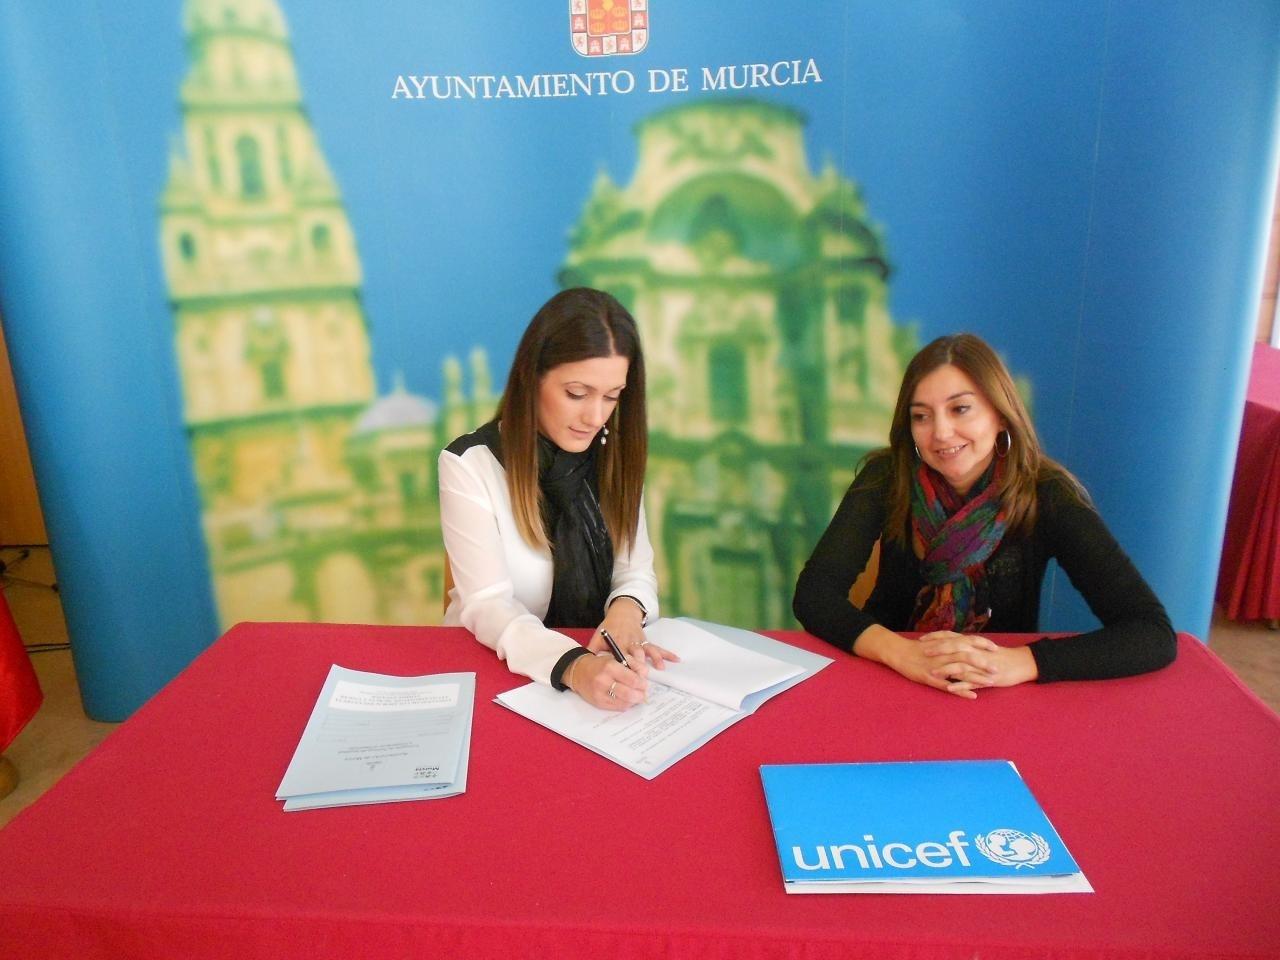 El Ayuntamiento de Murcia destina 9.000 euros para ayudar a los niños afectados por el tifón Haiyan-Yolanda en Filipinas